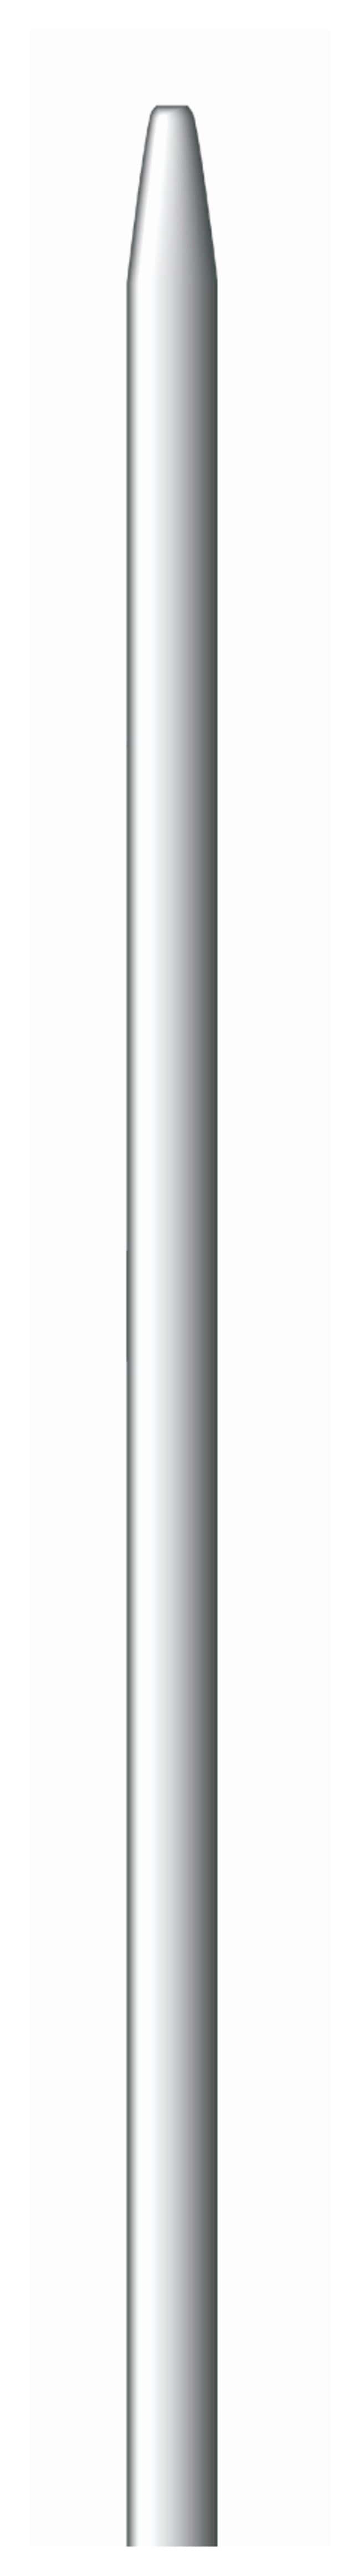 Trajan Autosampler Syringes:Chromatography:Chromatography Syringes